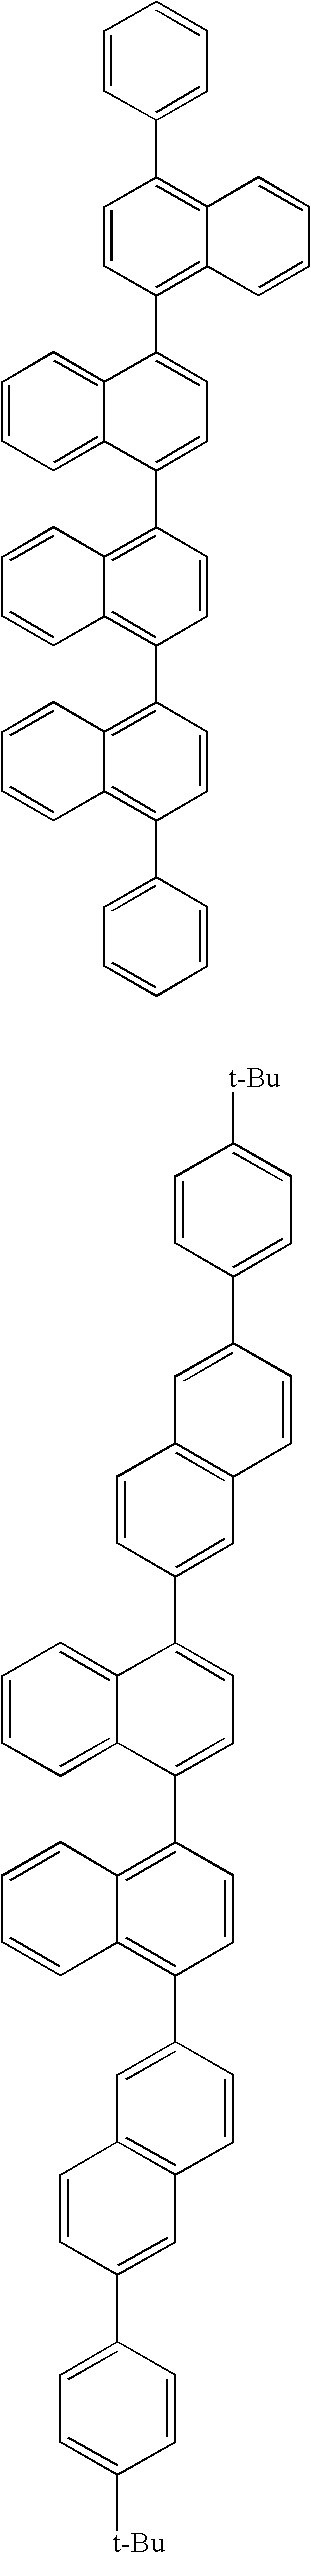 Figure US20100171109A1-20100708-C00090